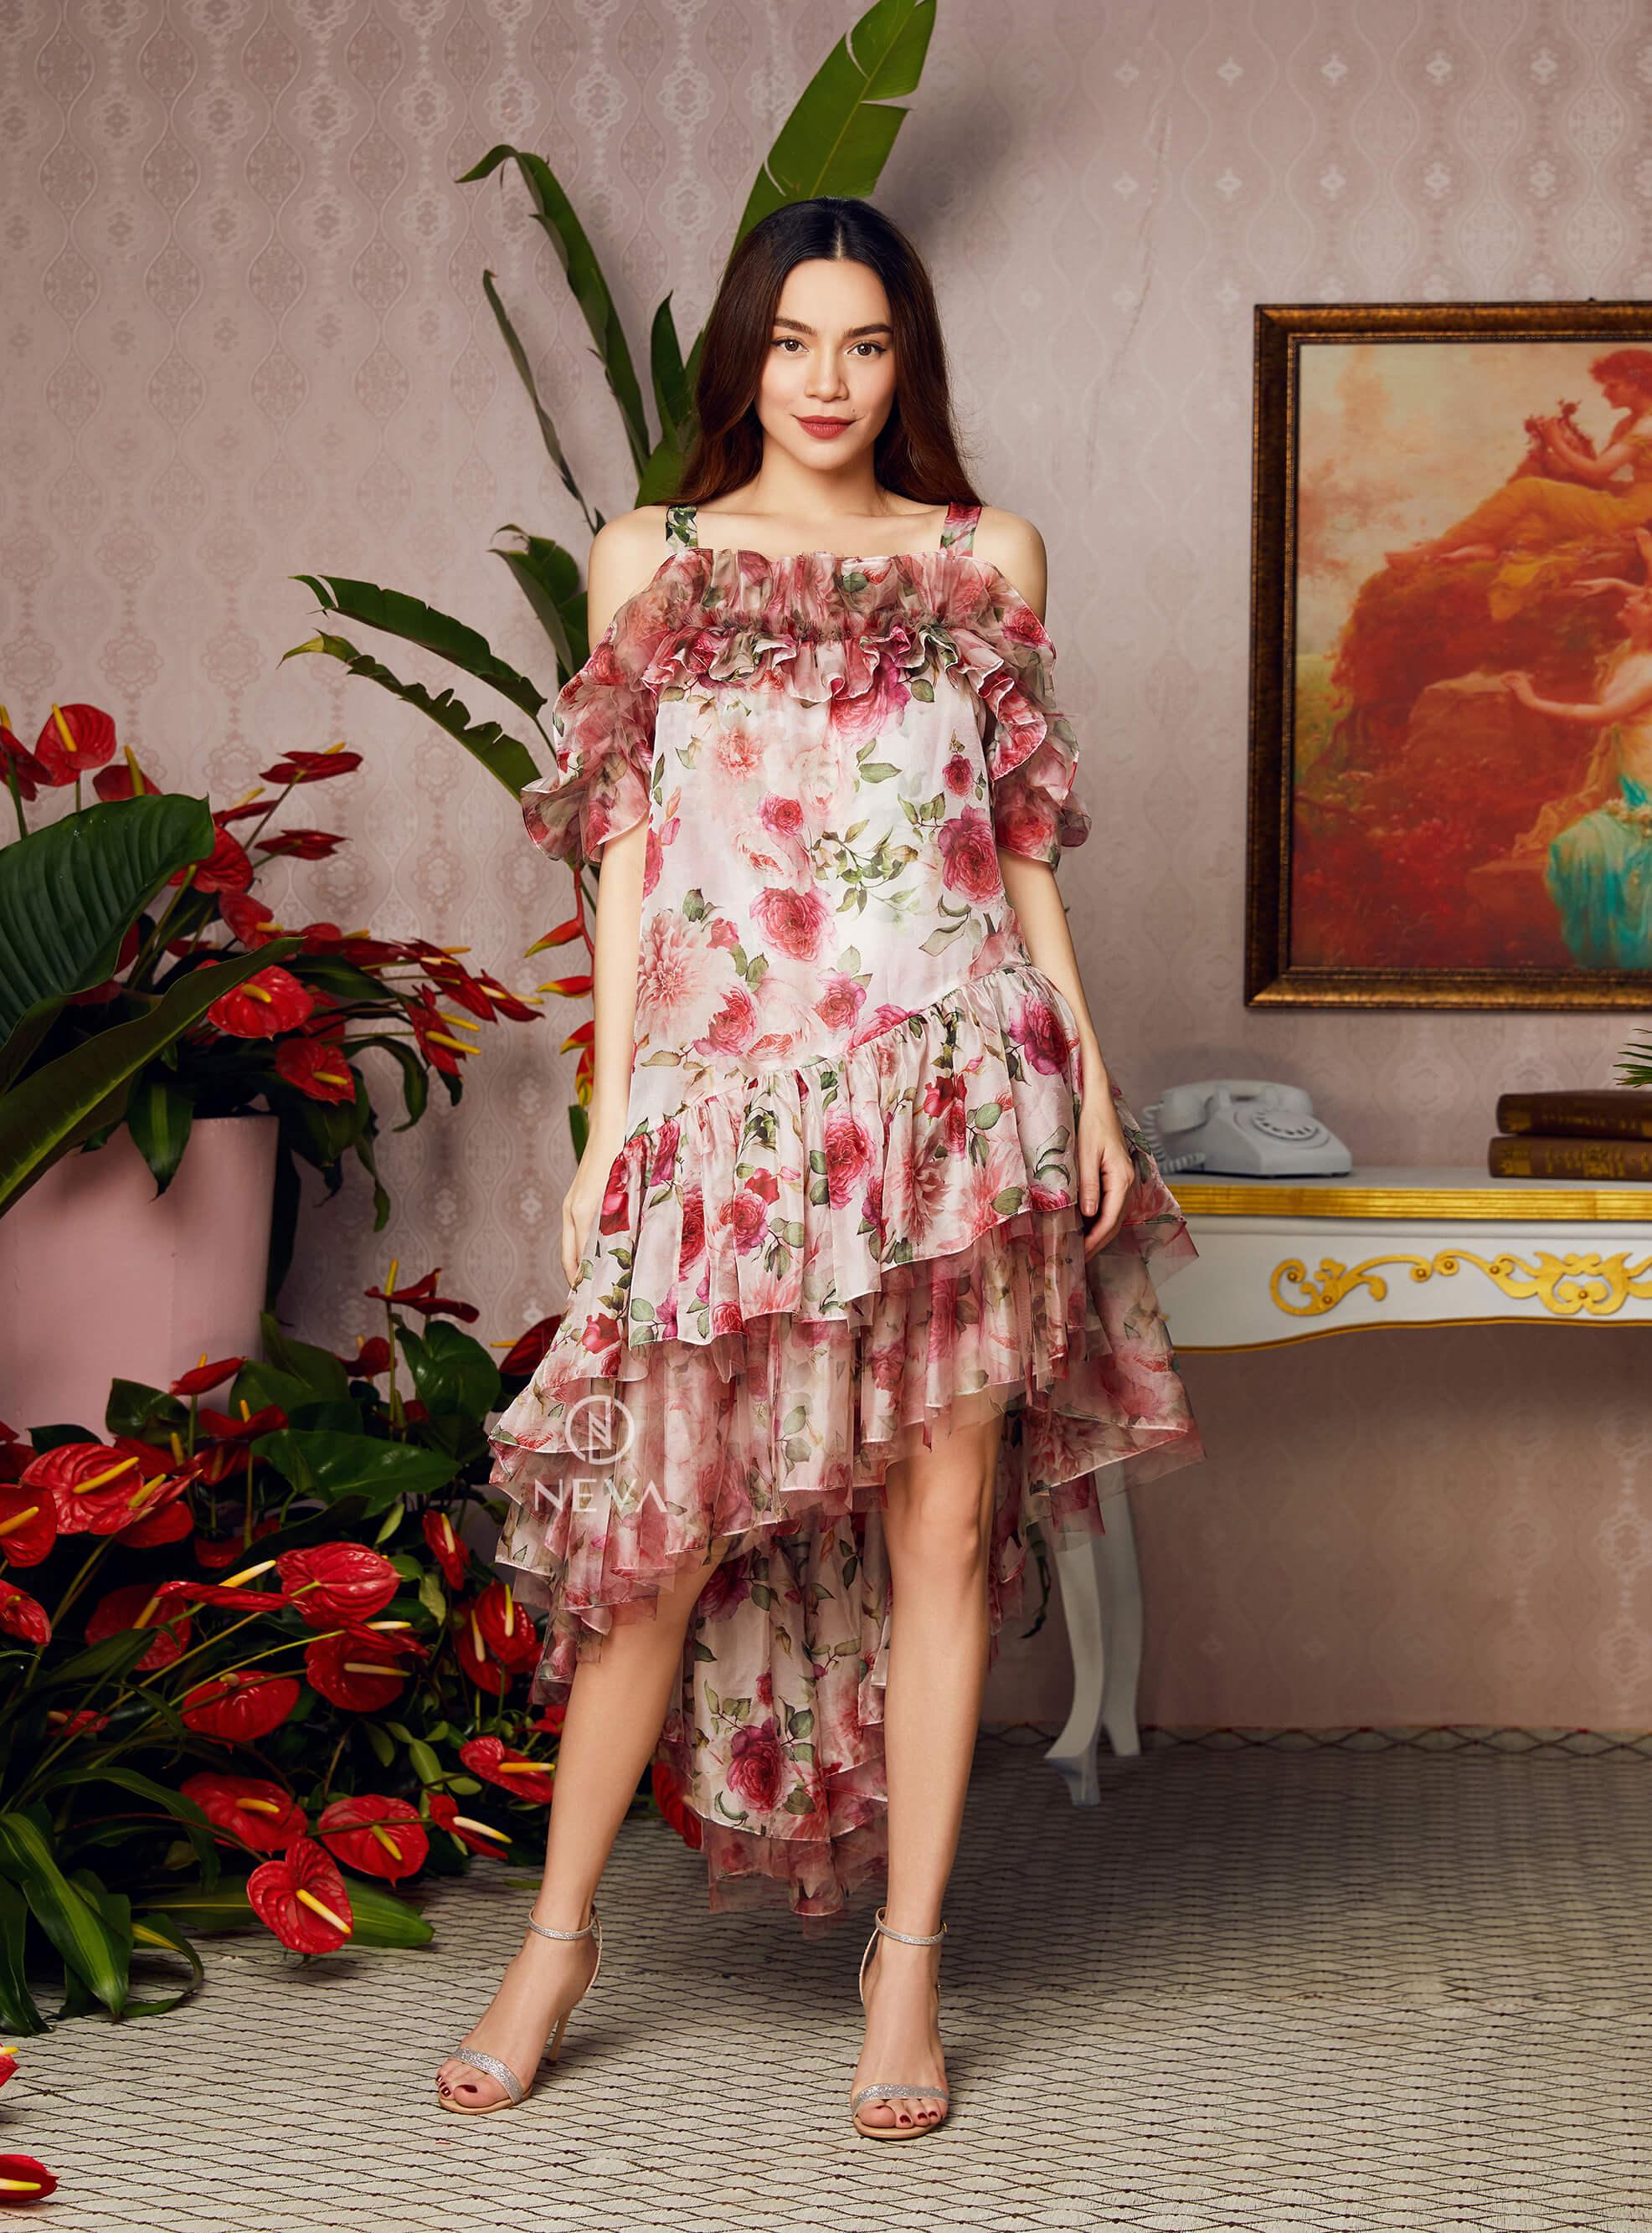 Chiếc đầm đặc biệt của Neva với những dải bèo xếp lớp đầy thẩm mỹ và dáng váy lệch tà, khiến Hà Hồ trở nên thơ, bay bổng và tươi tắn.